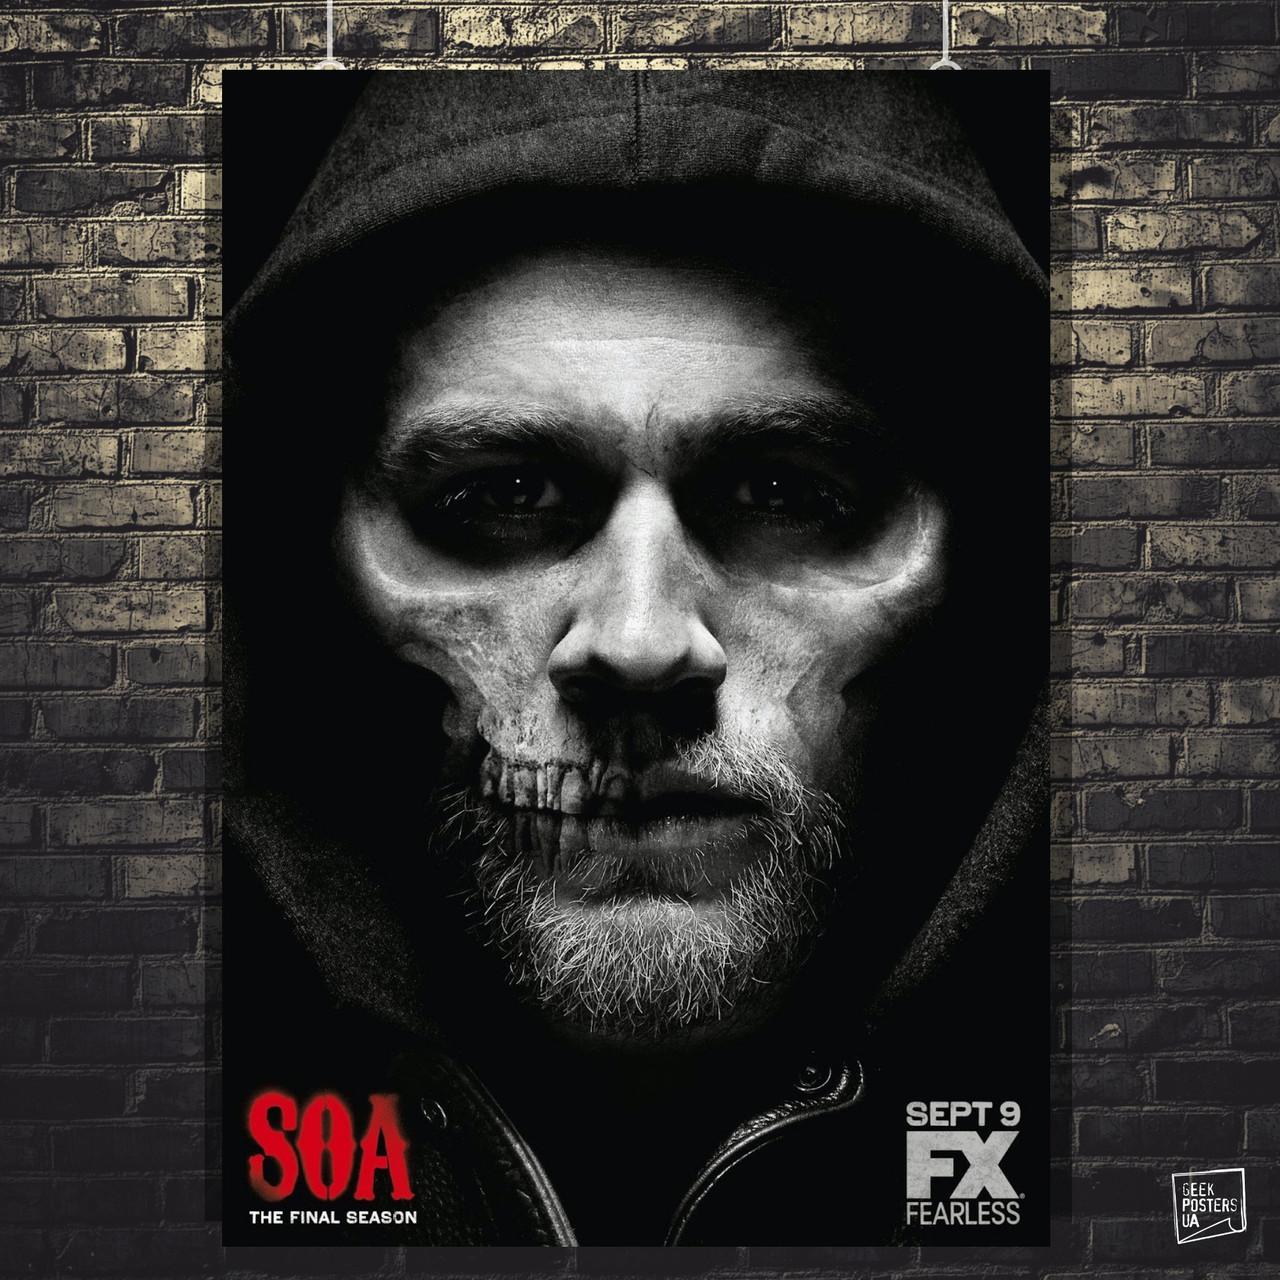 Постер Сыны Анархии, Sons Of Anarchy, SoA. Размер 60x43см (A2). Глянцевая бумага